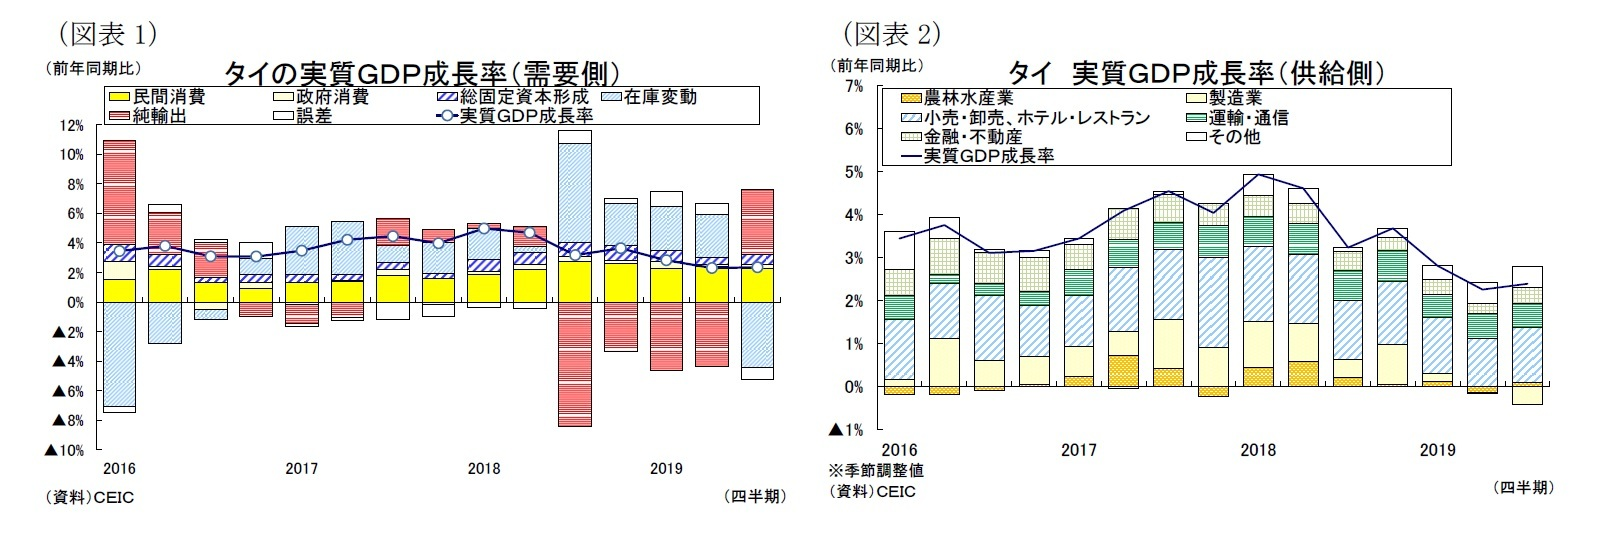 (図表1)タイの実質GDP成長率(需要側)/(図表2)タイ実質GDP成長率(供給側)